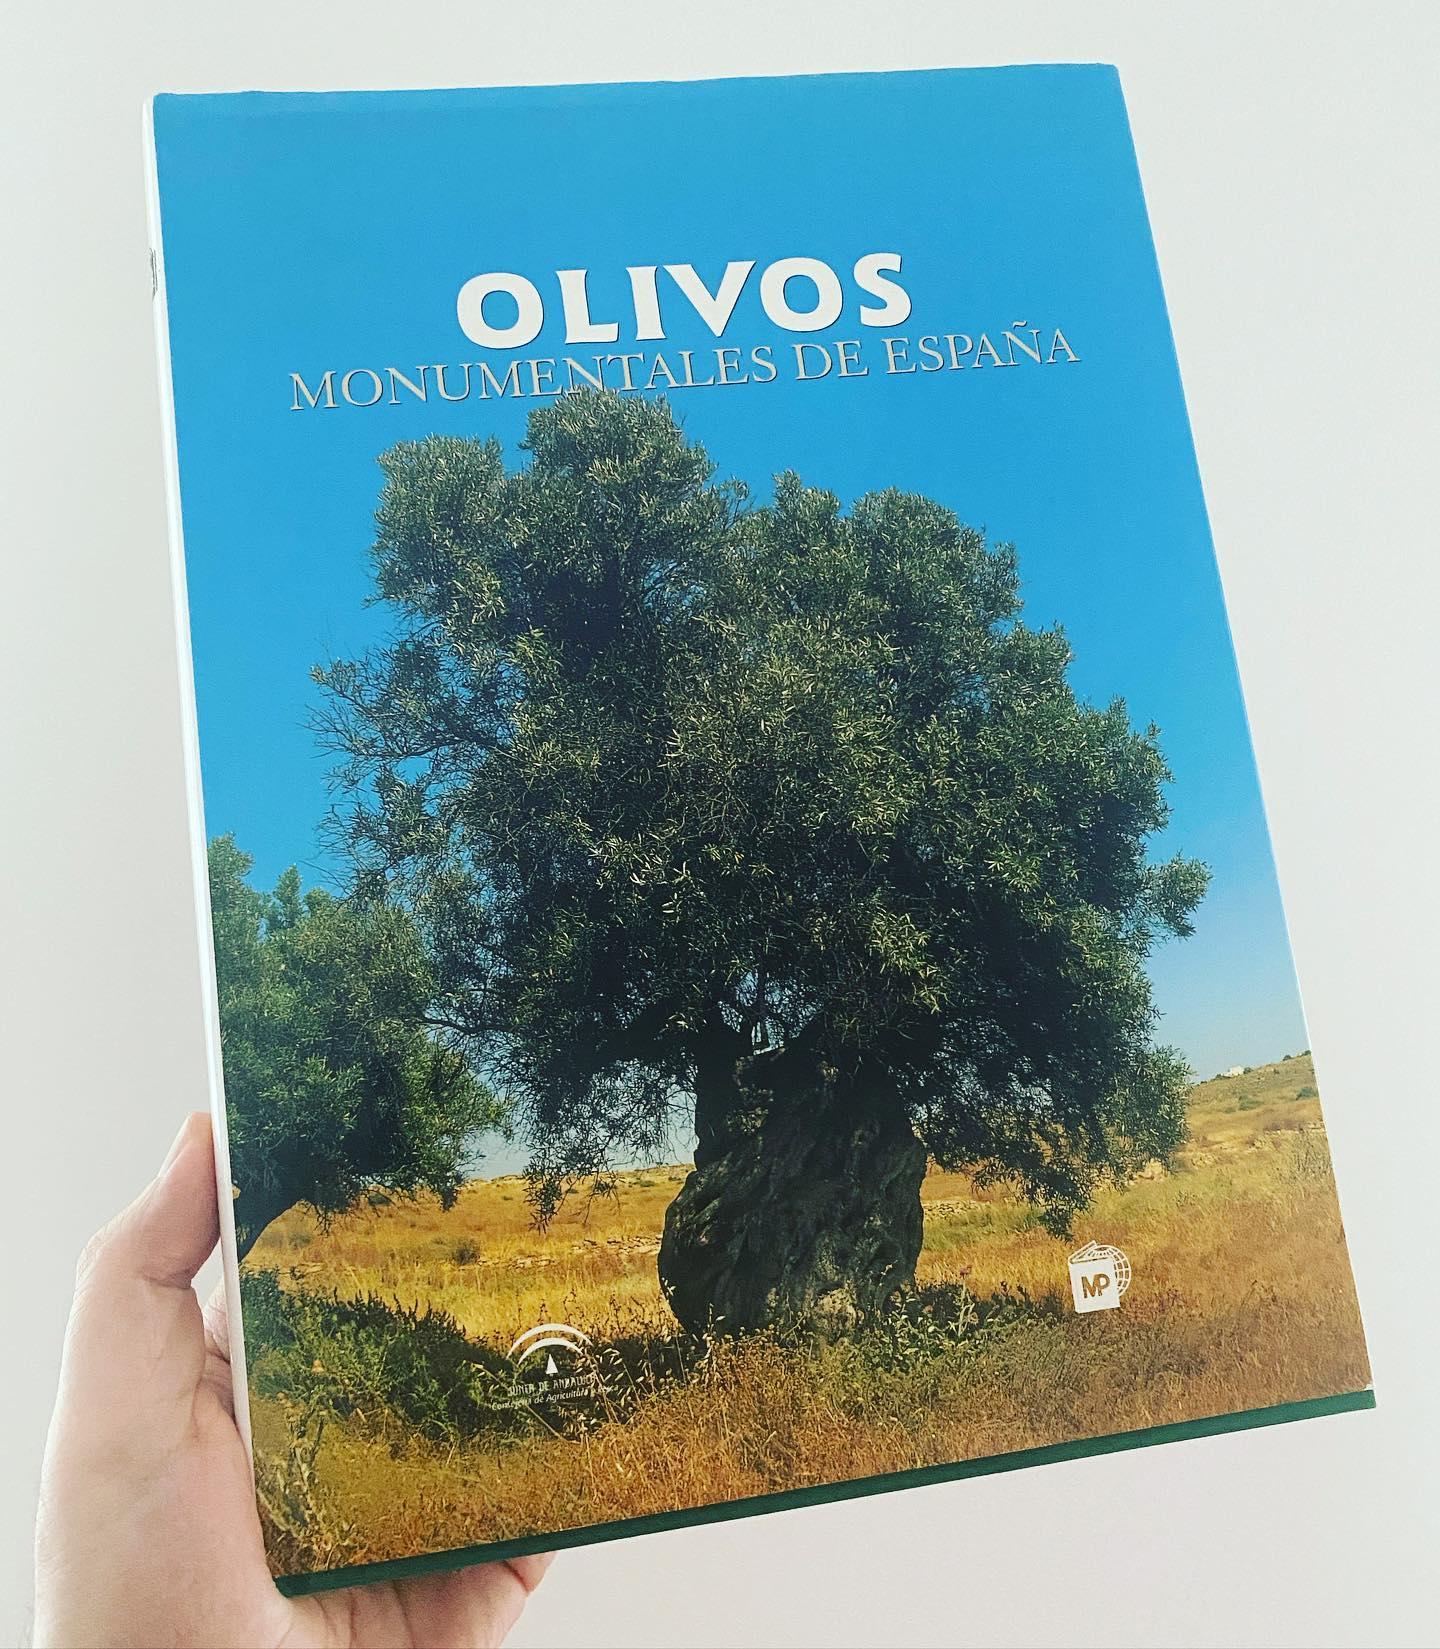 In Spagna ci sono olivi monumentali magnifici